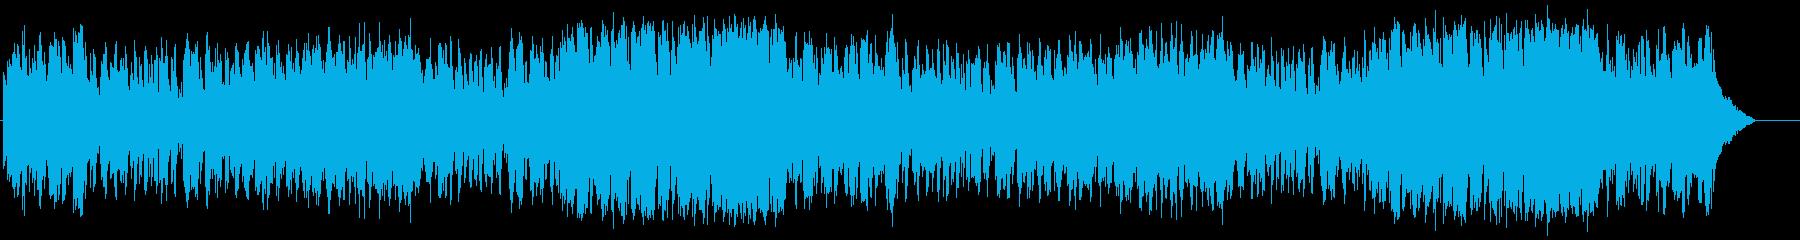 懐かしの歌謡ジャズ風楽曲(フルサイズ)の再生済みの波形